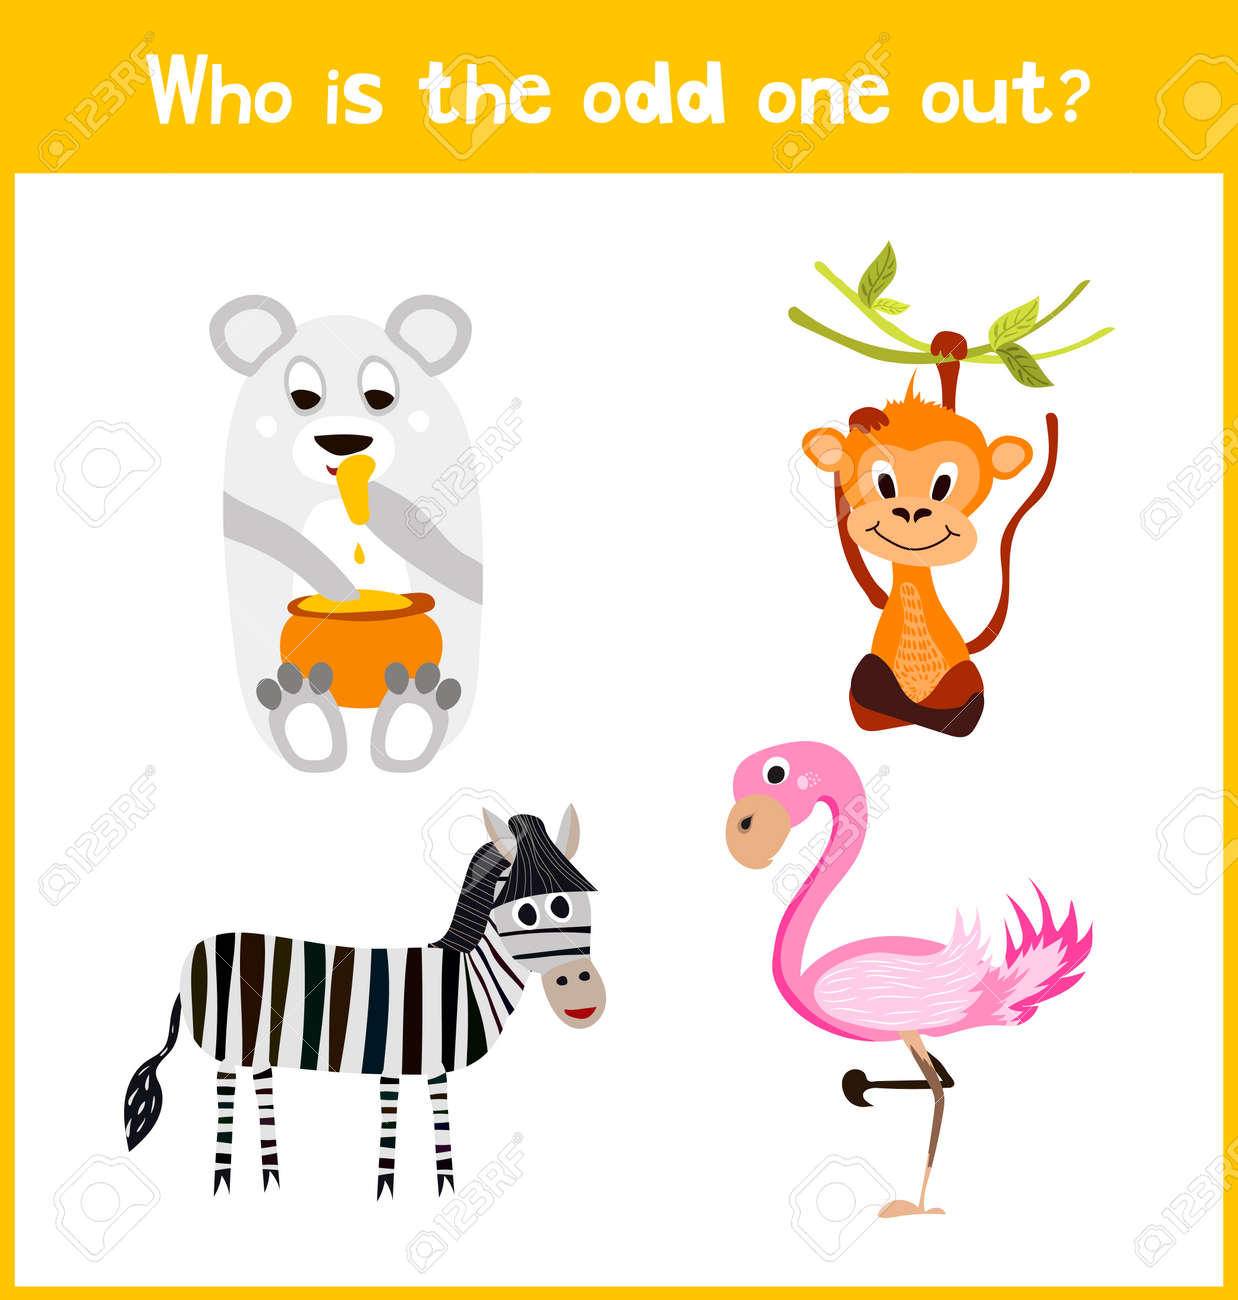 Ninos Pagina De Puzzle Juego De Dibujos Animados Coloridos